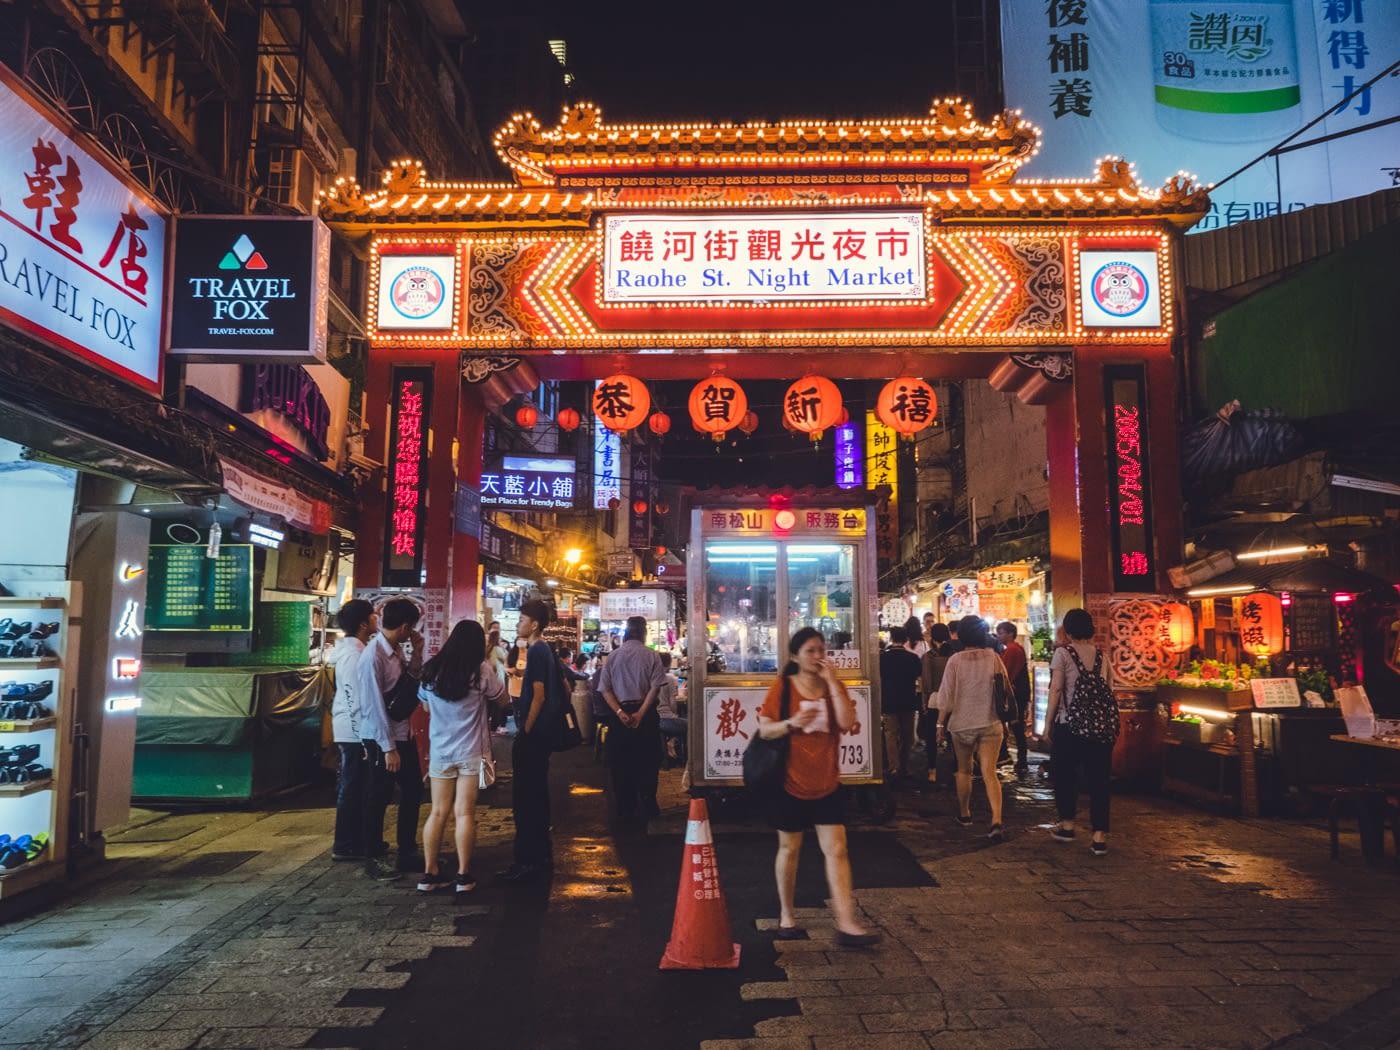 Taiwan - Raohe Night Market entrance